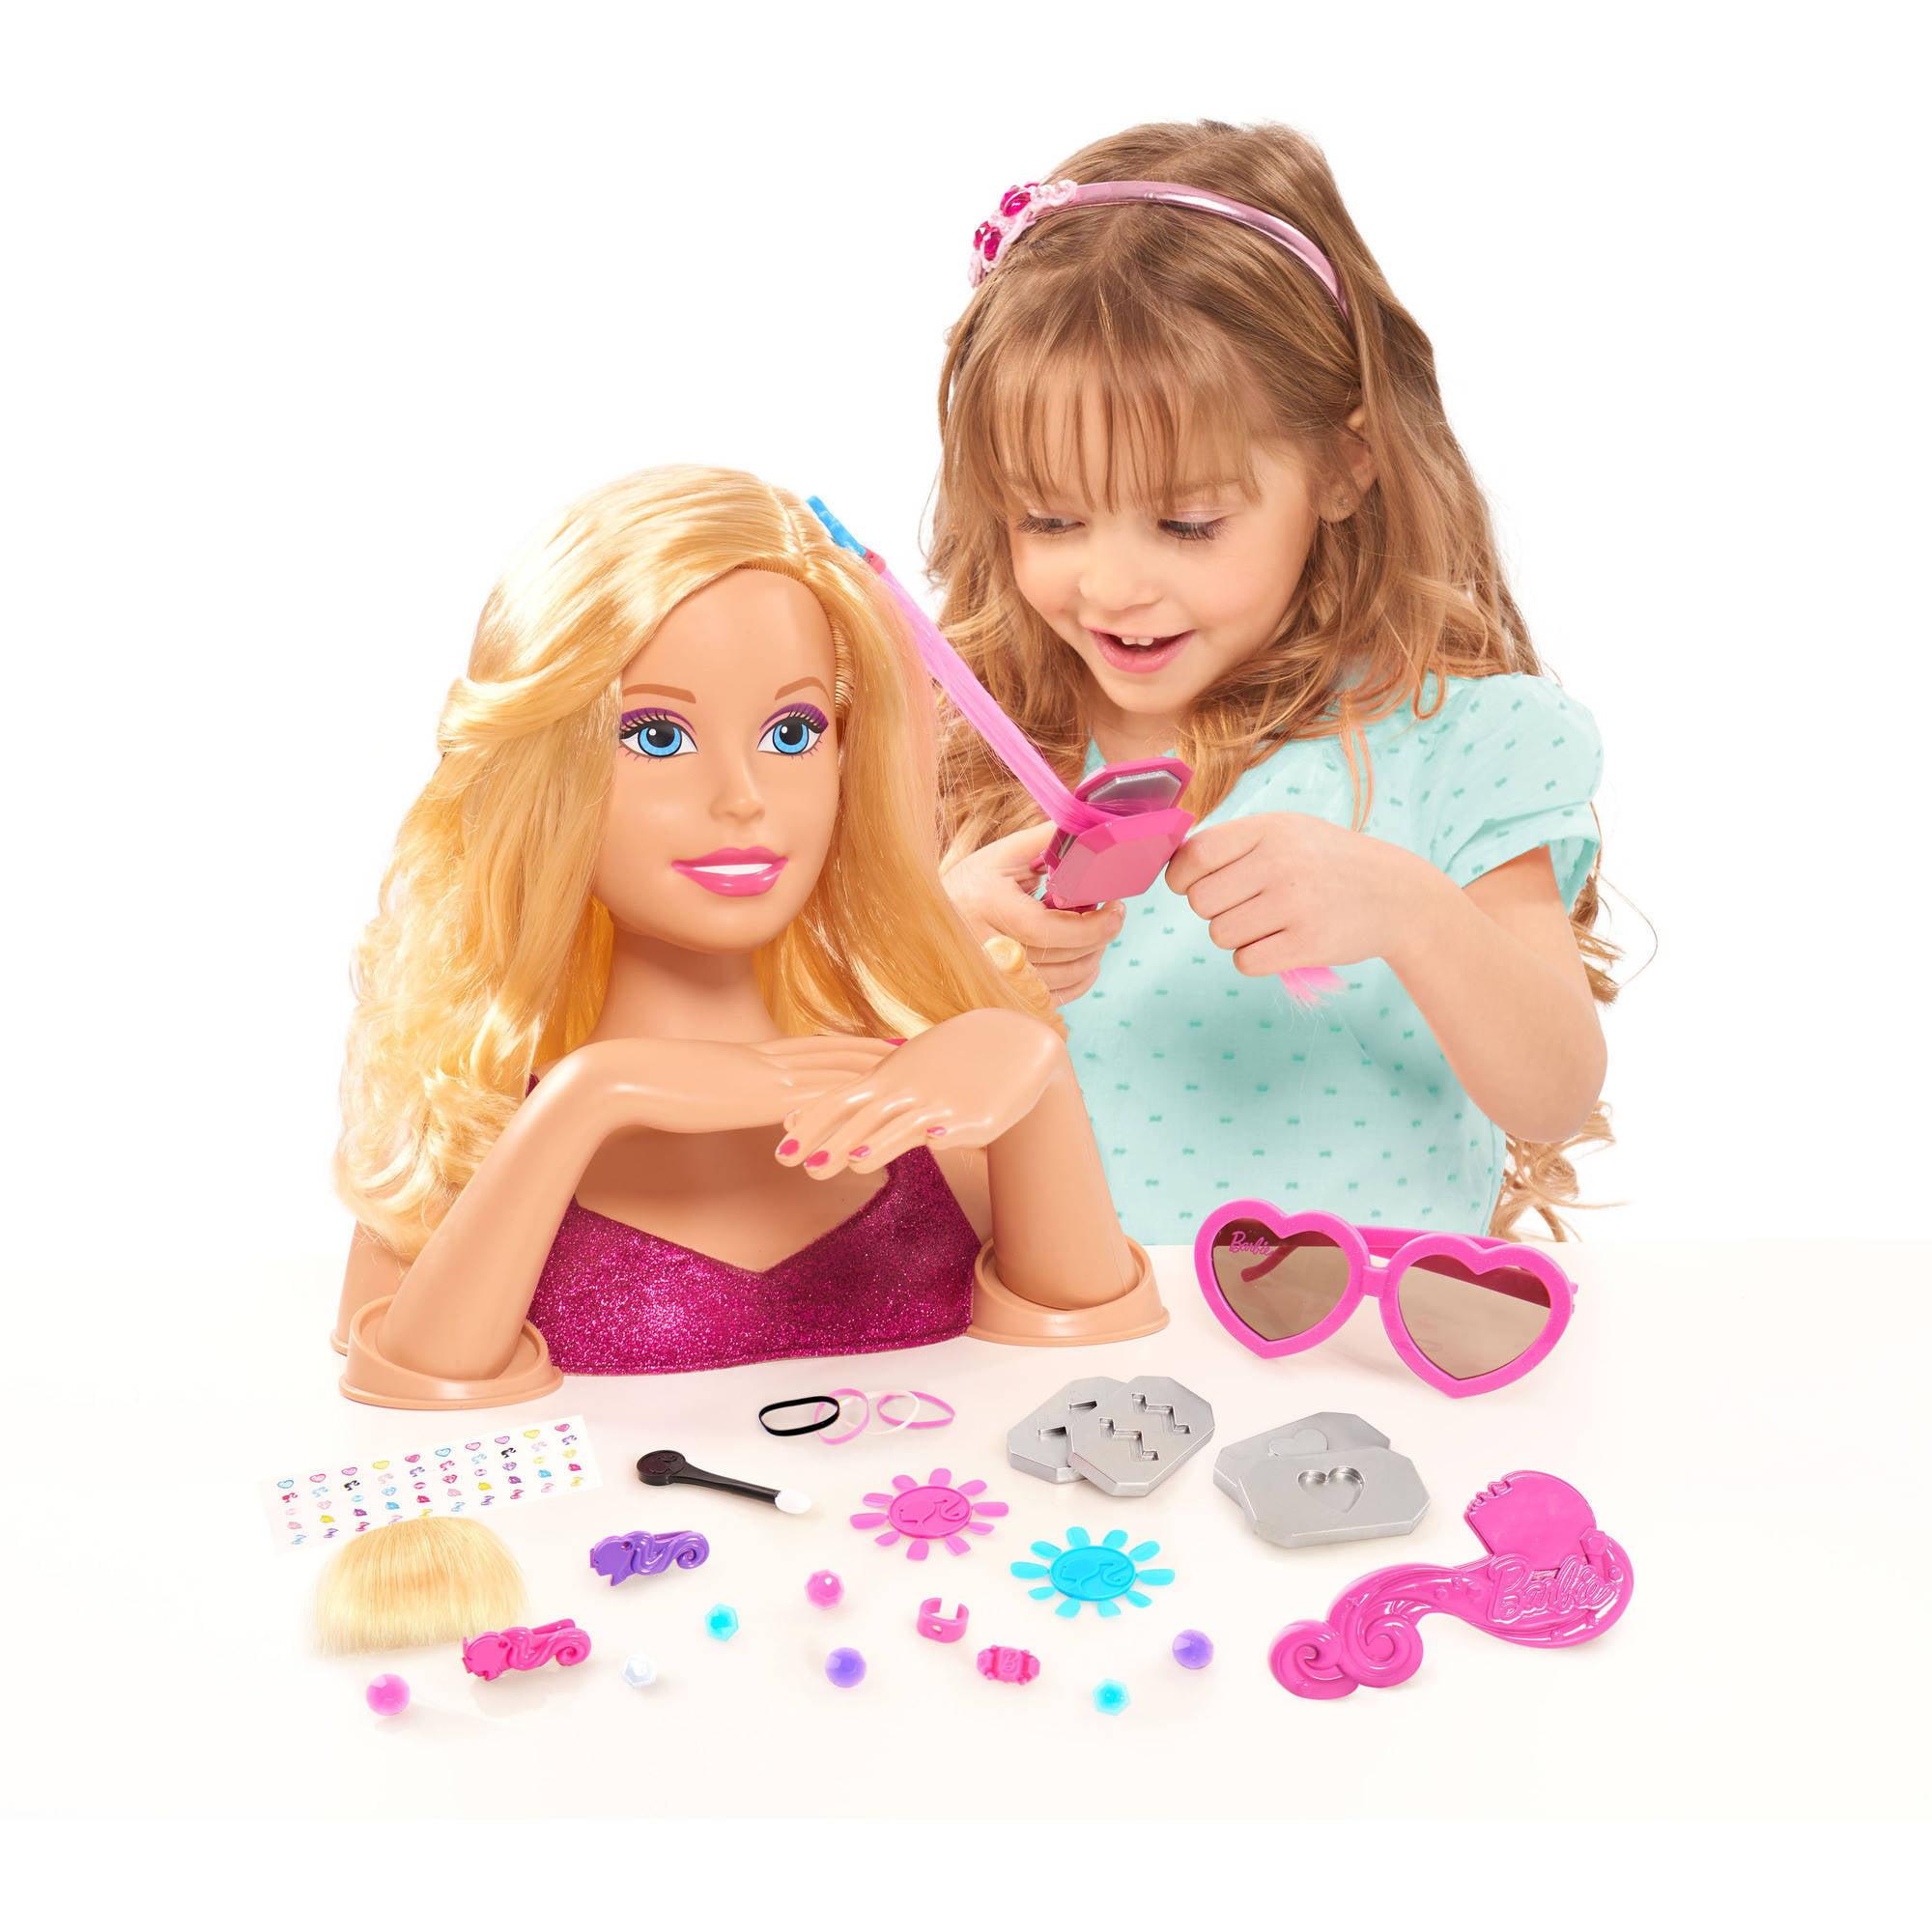 Barbie hair coloring games - Barbie Hair Coloring Games 22